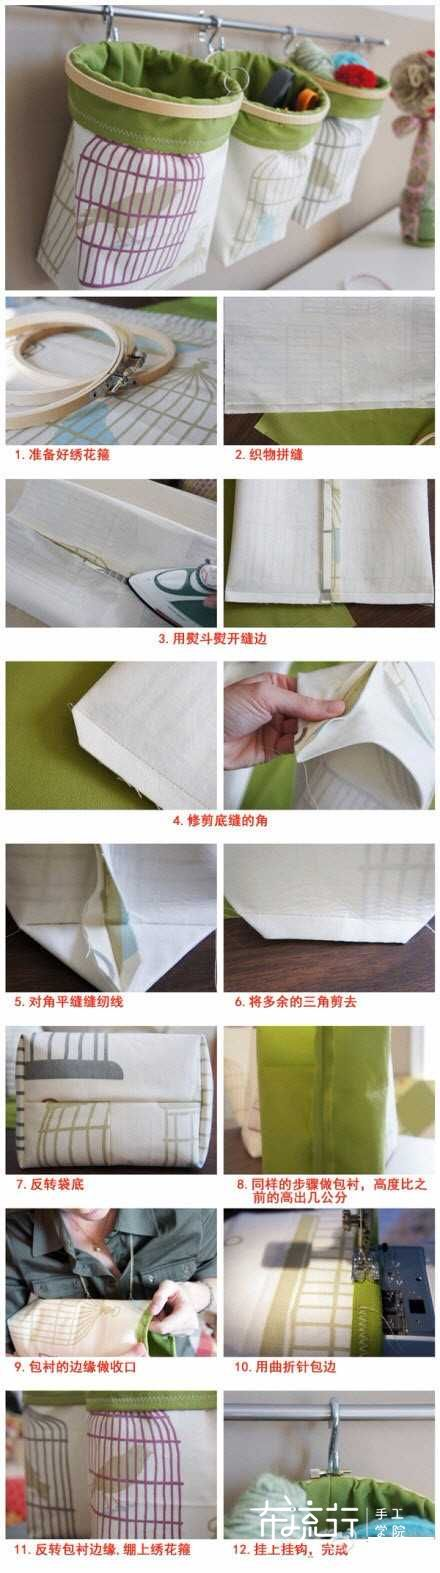 壁挂式储物袋